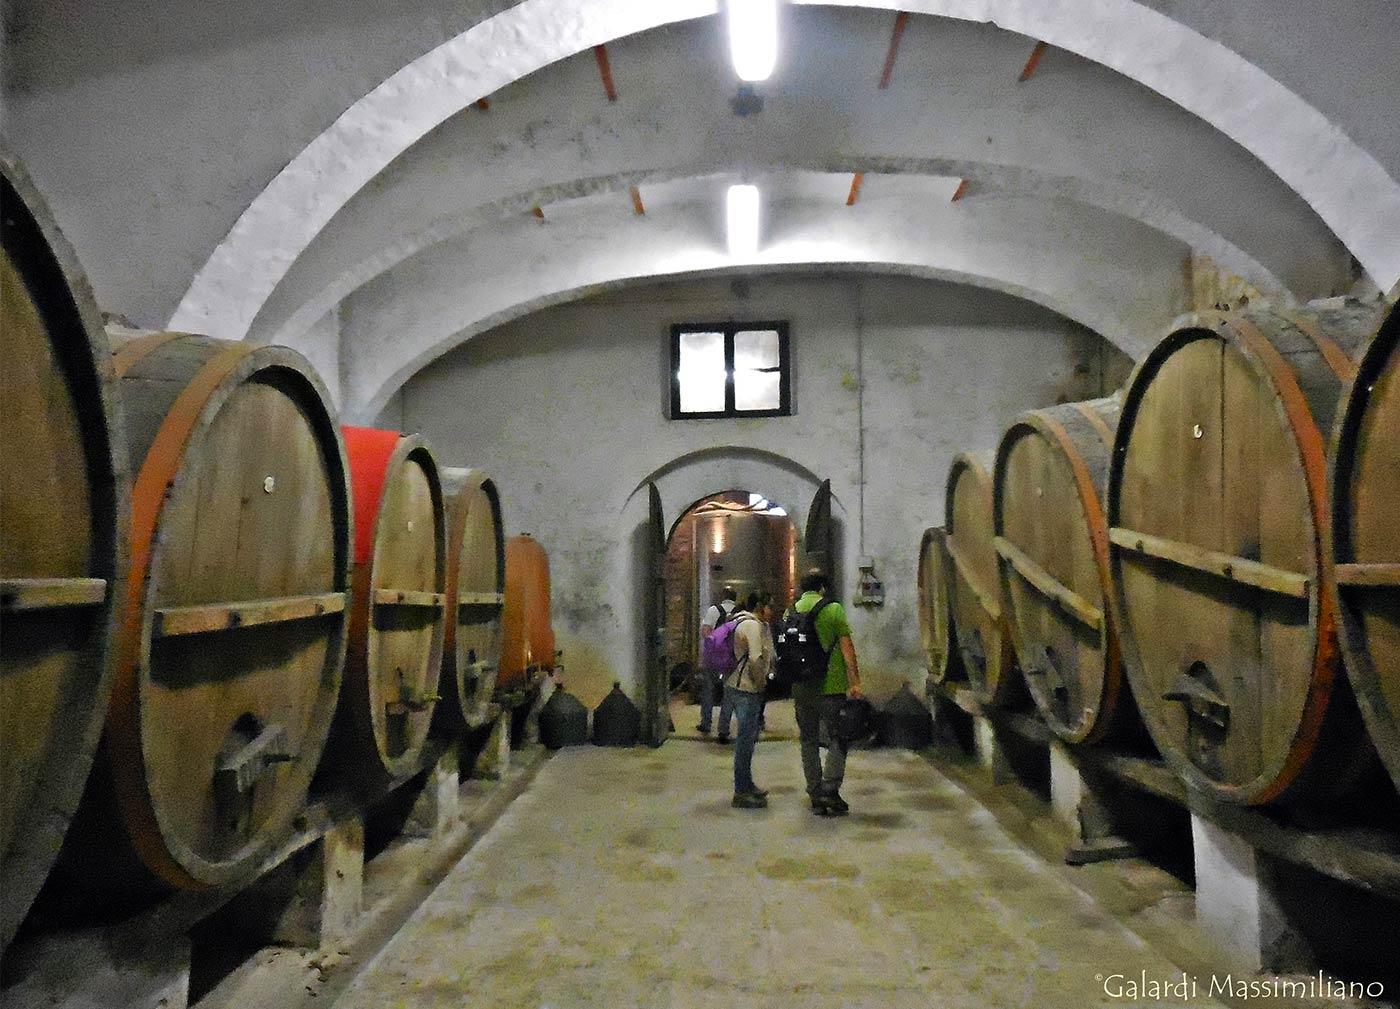 castello-di-barberino-massimiliano-galardi-4